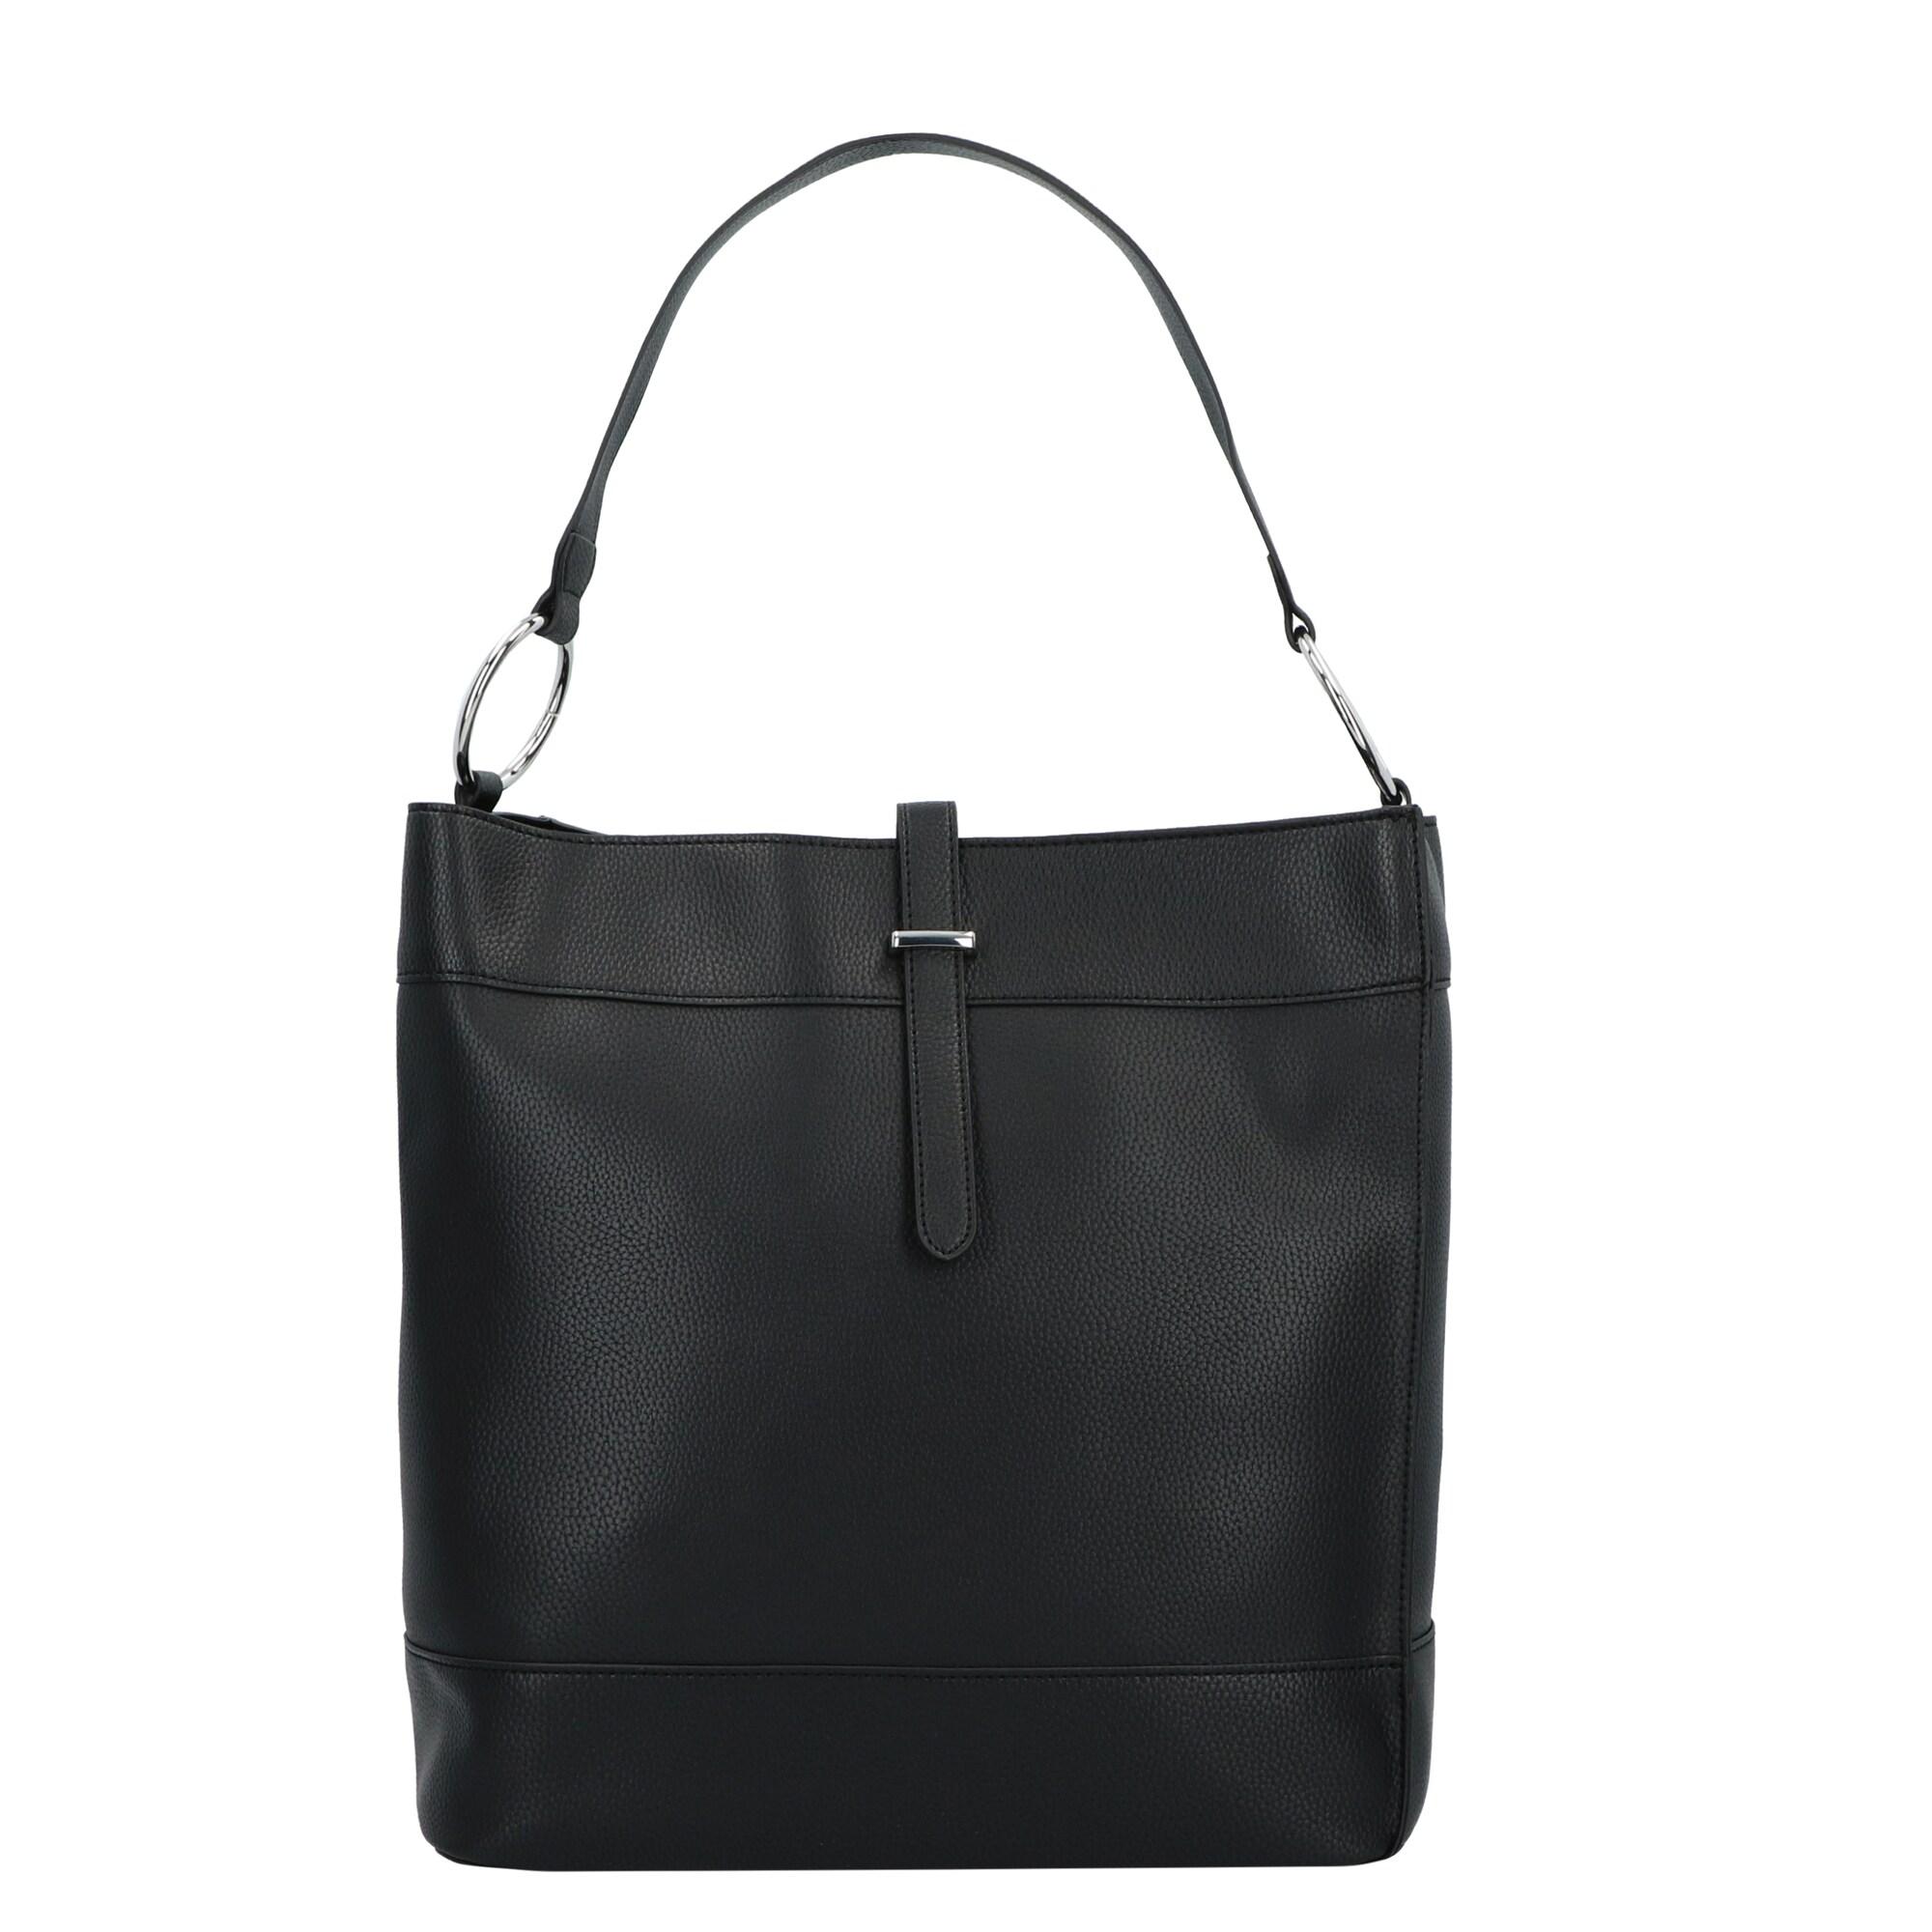 Schultertasche 'Nia' | Taschen > Handtaschen > Schultertaschen | Esprit